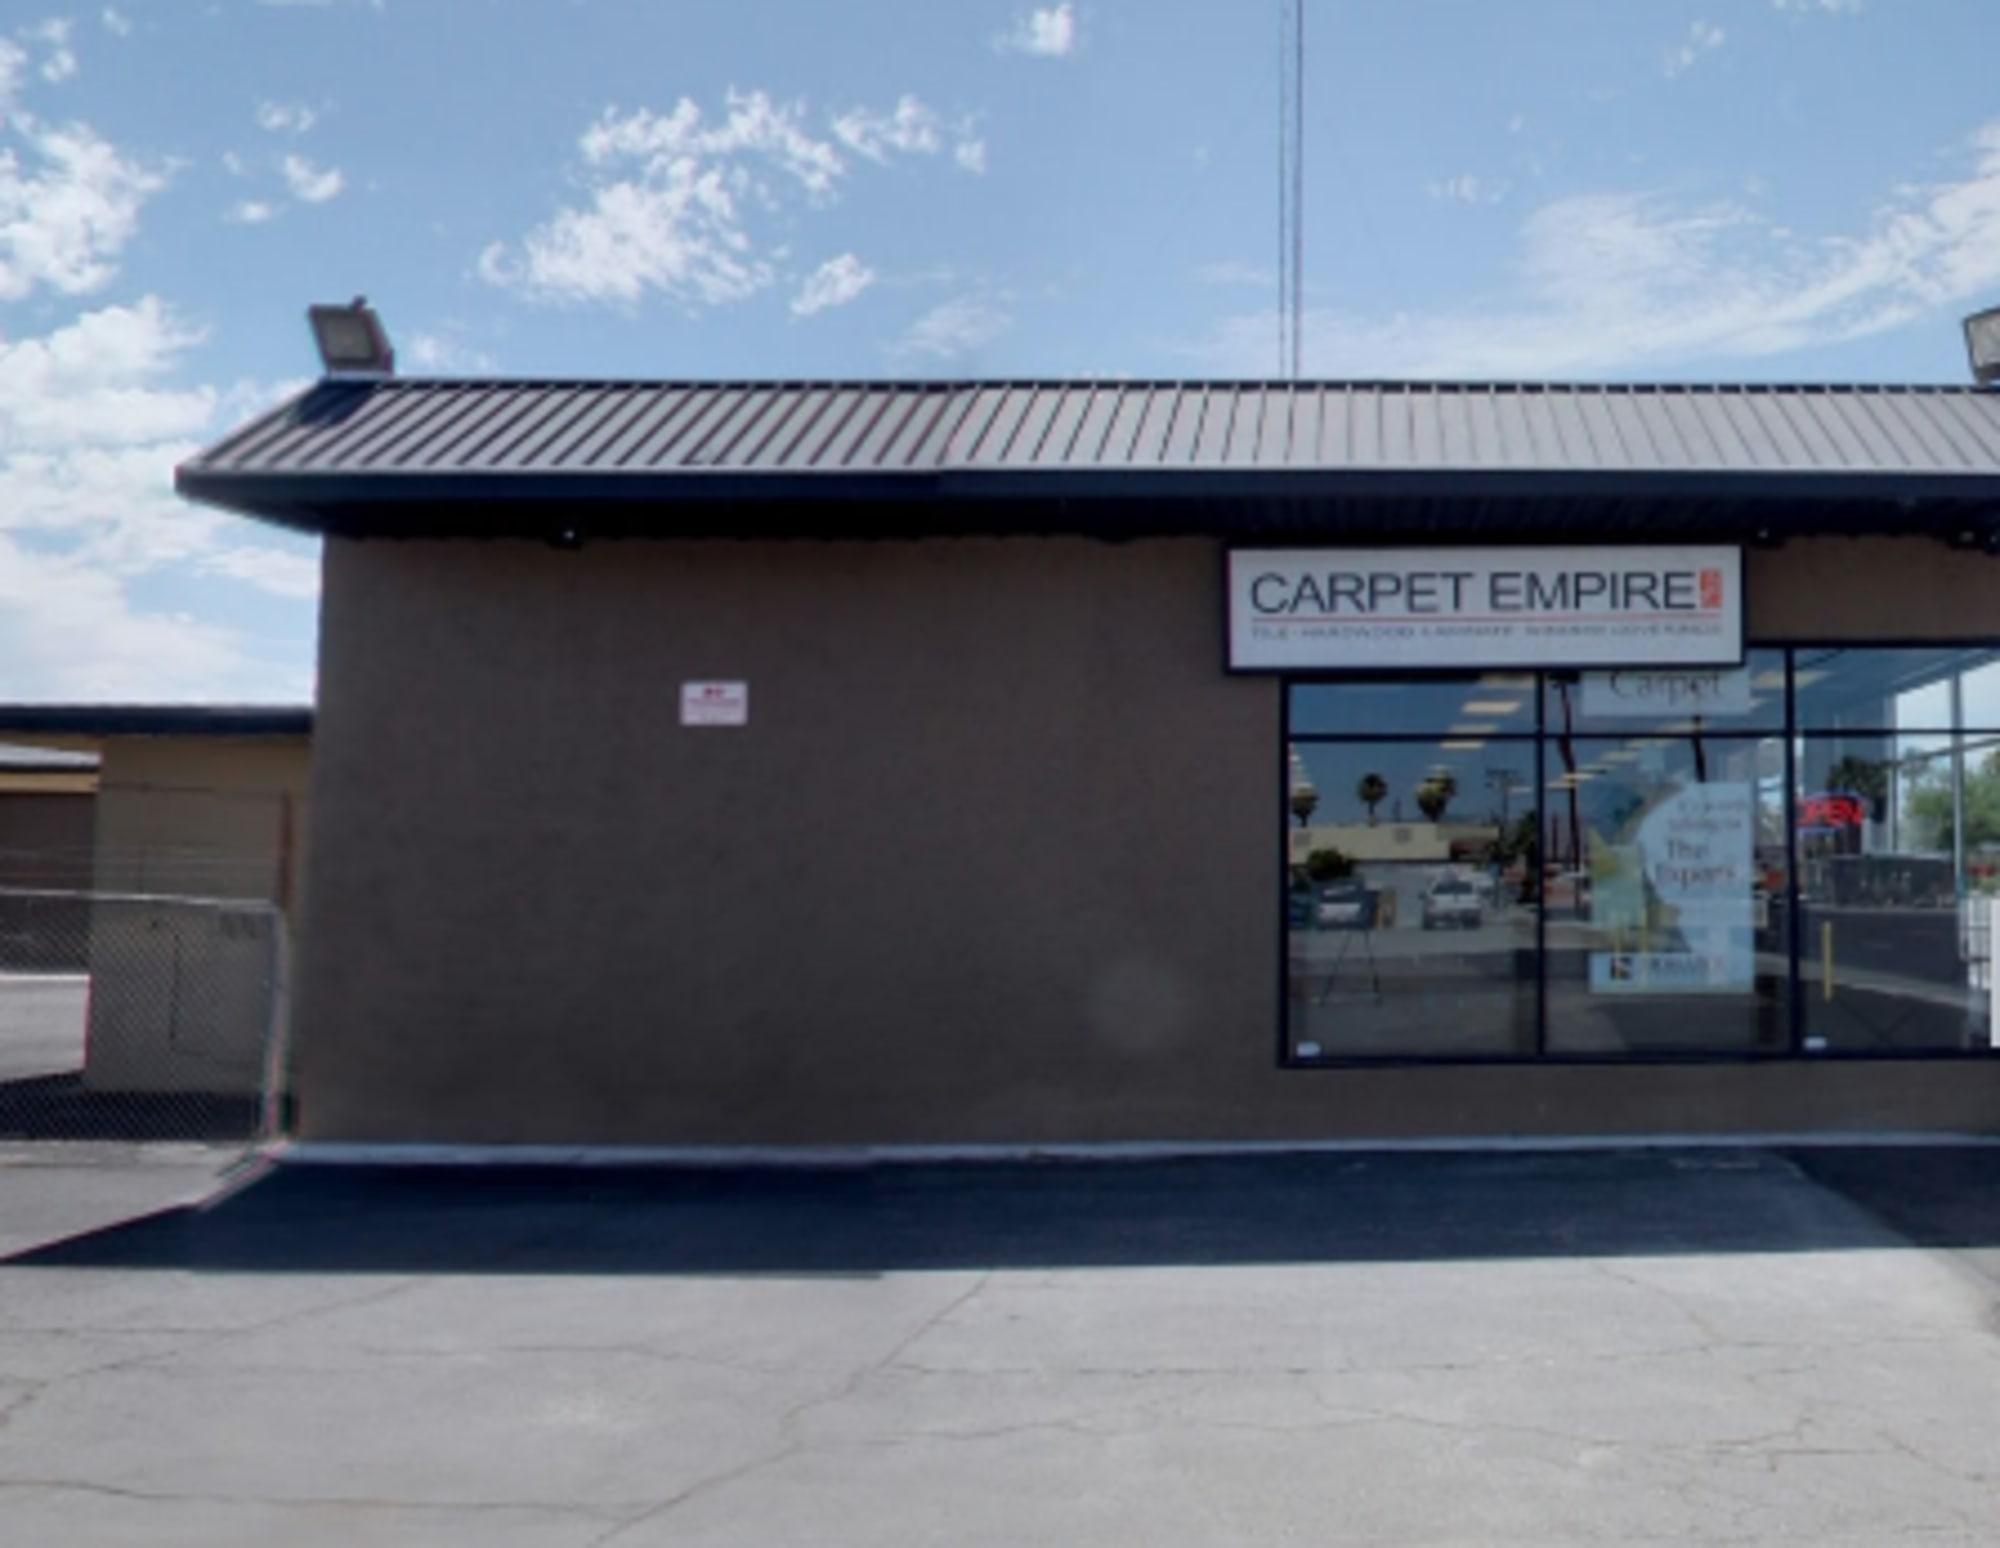 Carpet Empire Plus - 81425 CA-111 Indio, CA 92201